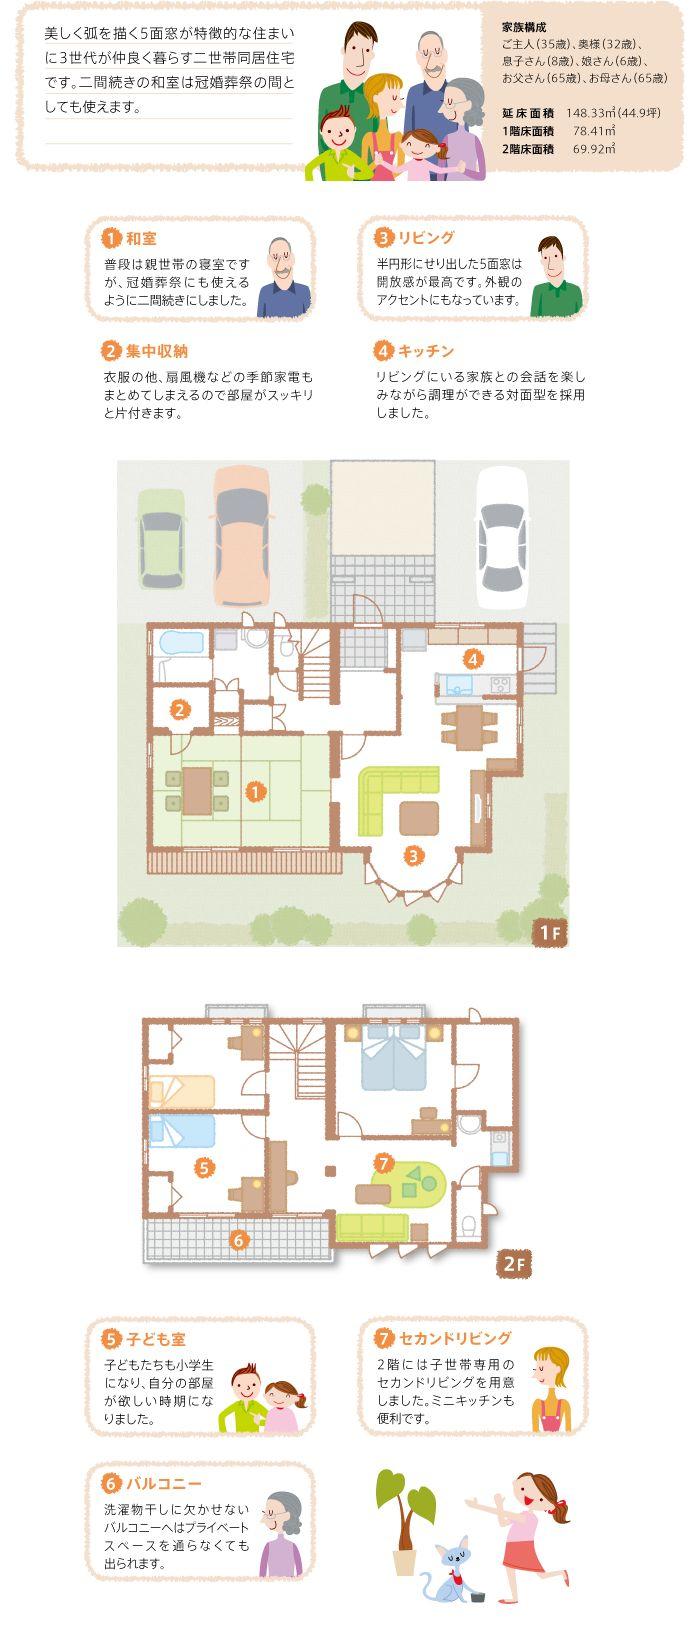 間取り図:開放的なリビングと和室二間続きのある二世帯住宅